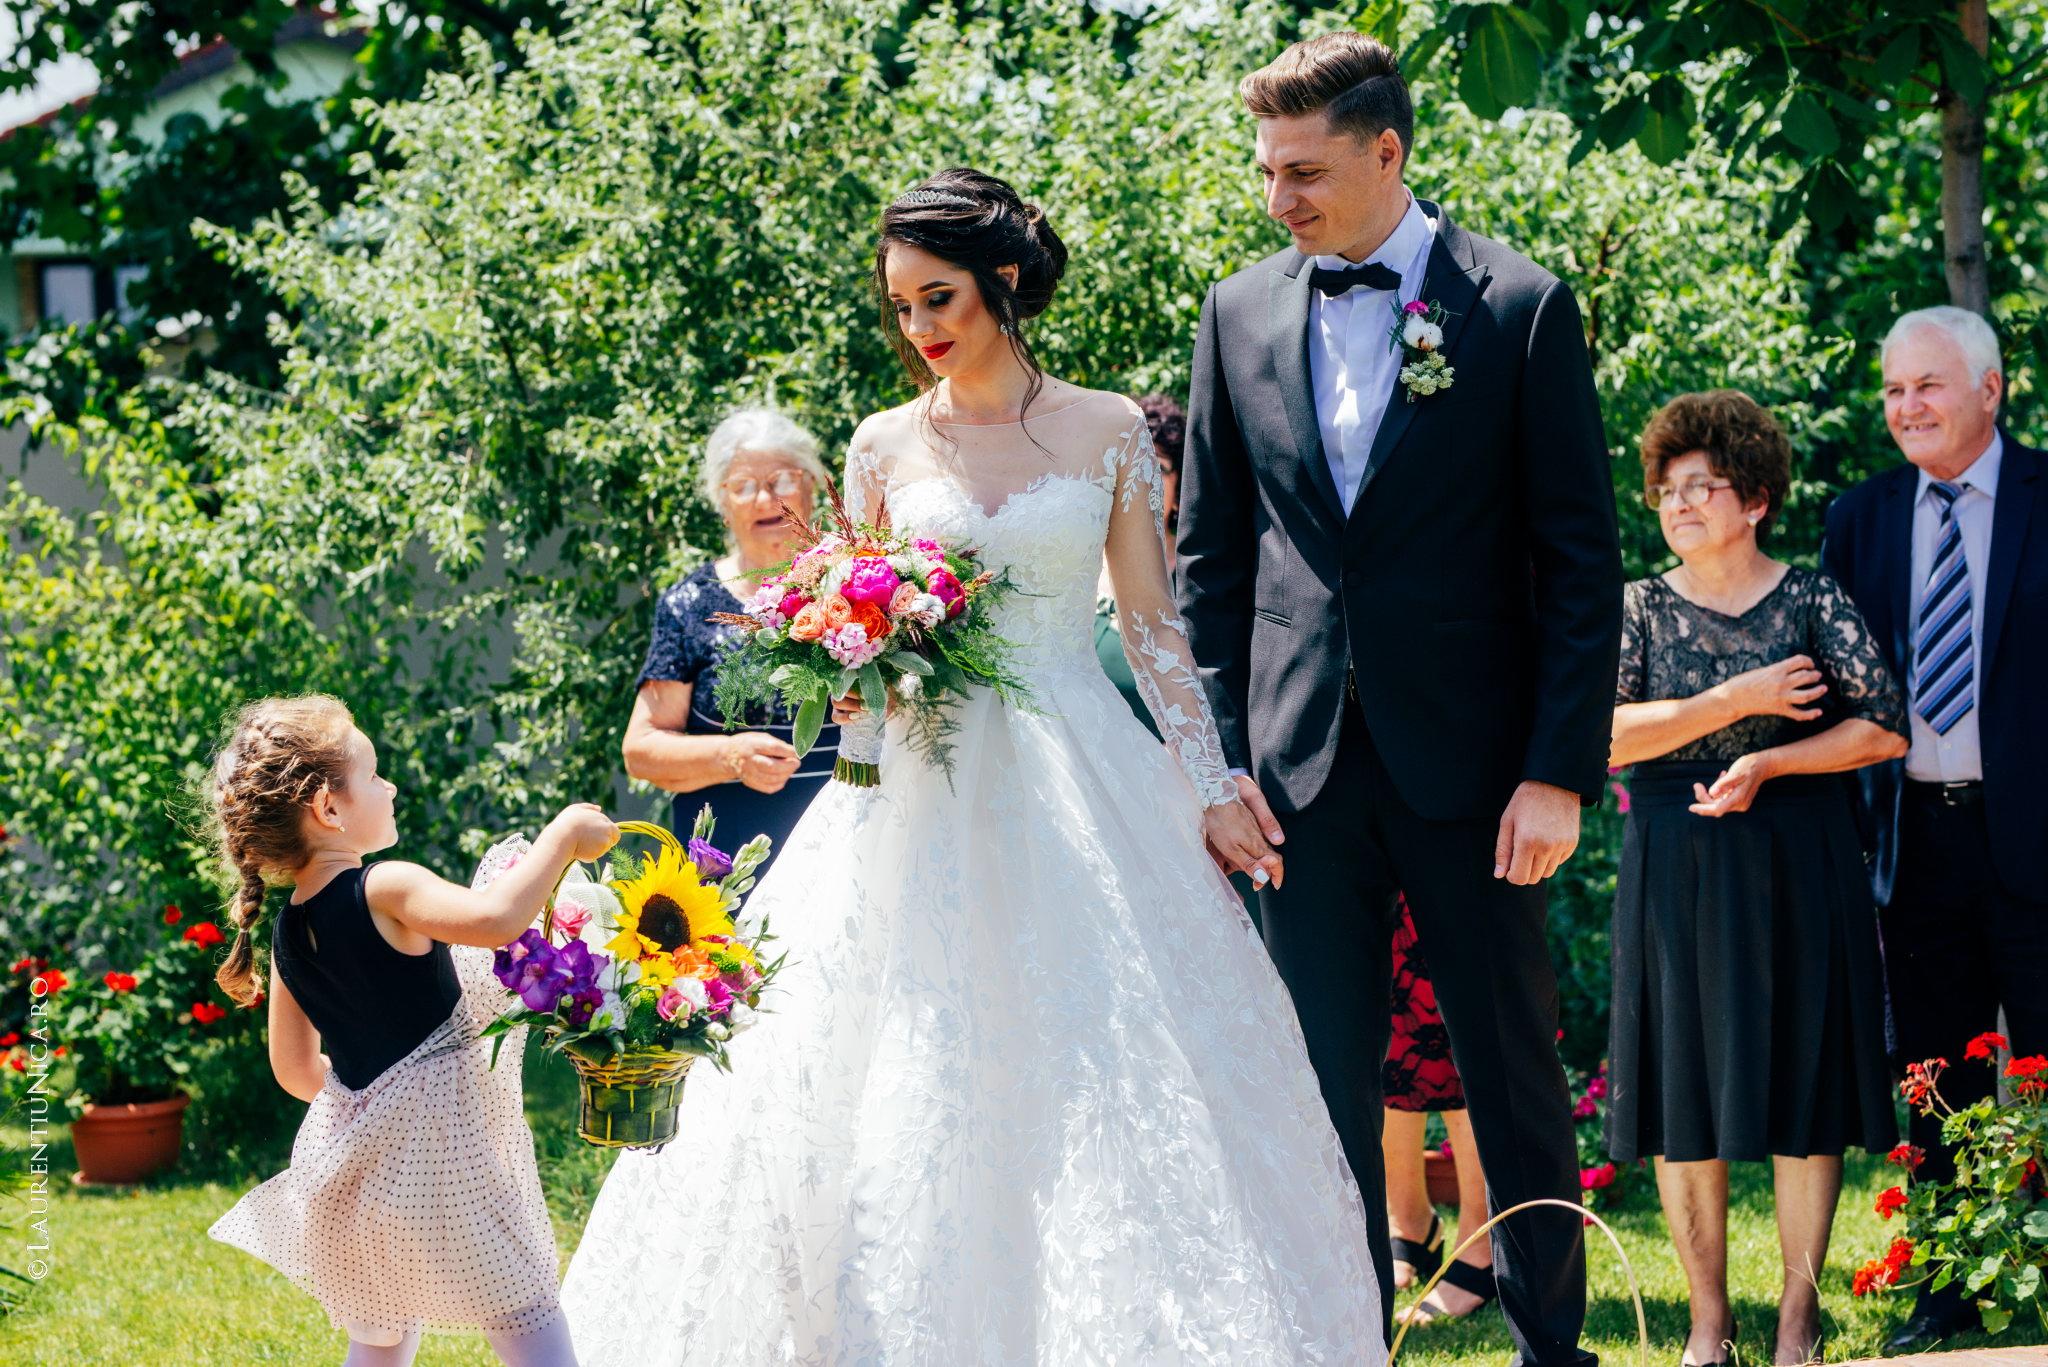 fotografii nunta denisa si florin craiova 58 - Denisa & Florin | Fotografii nunta | Craiova